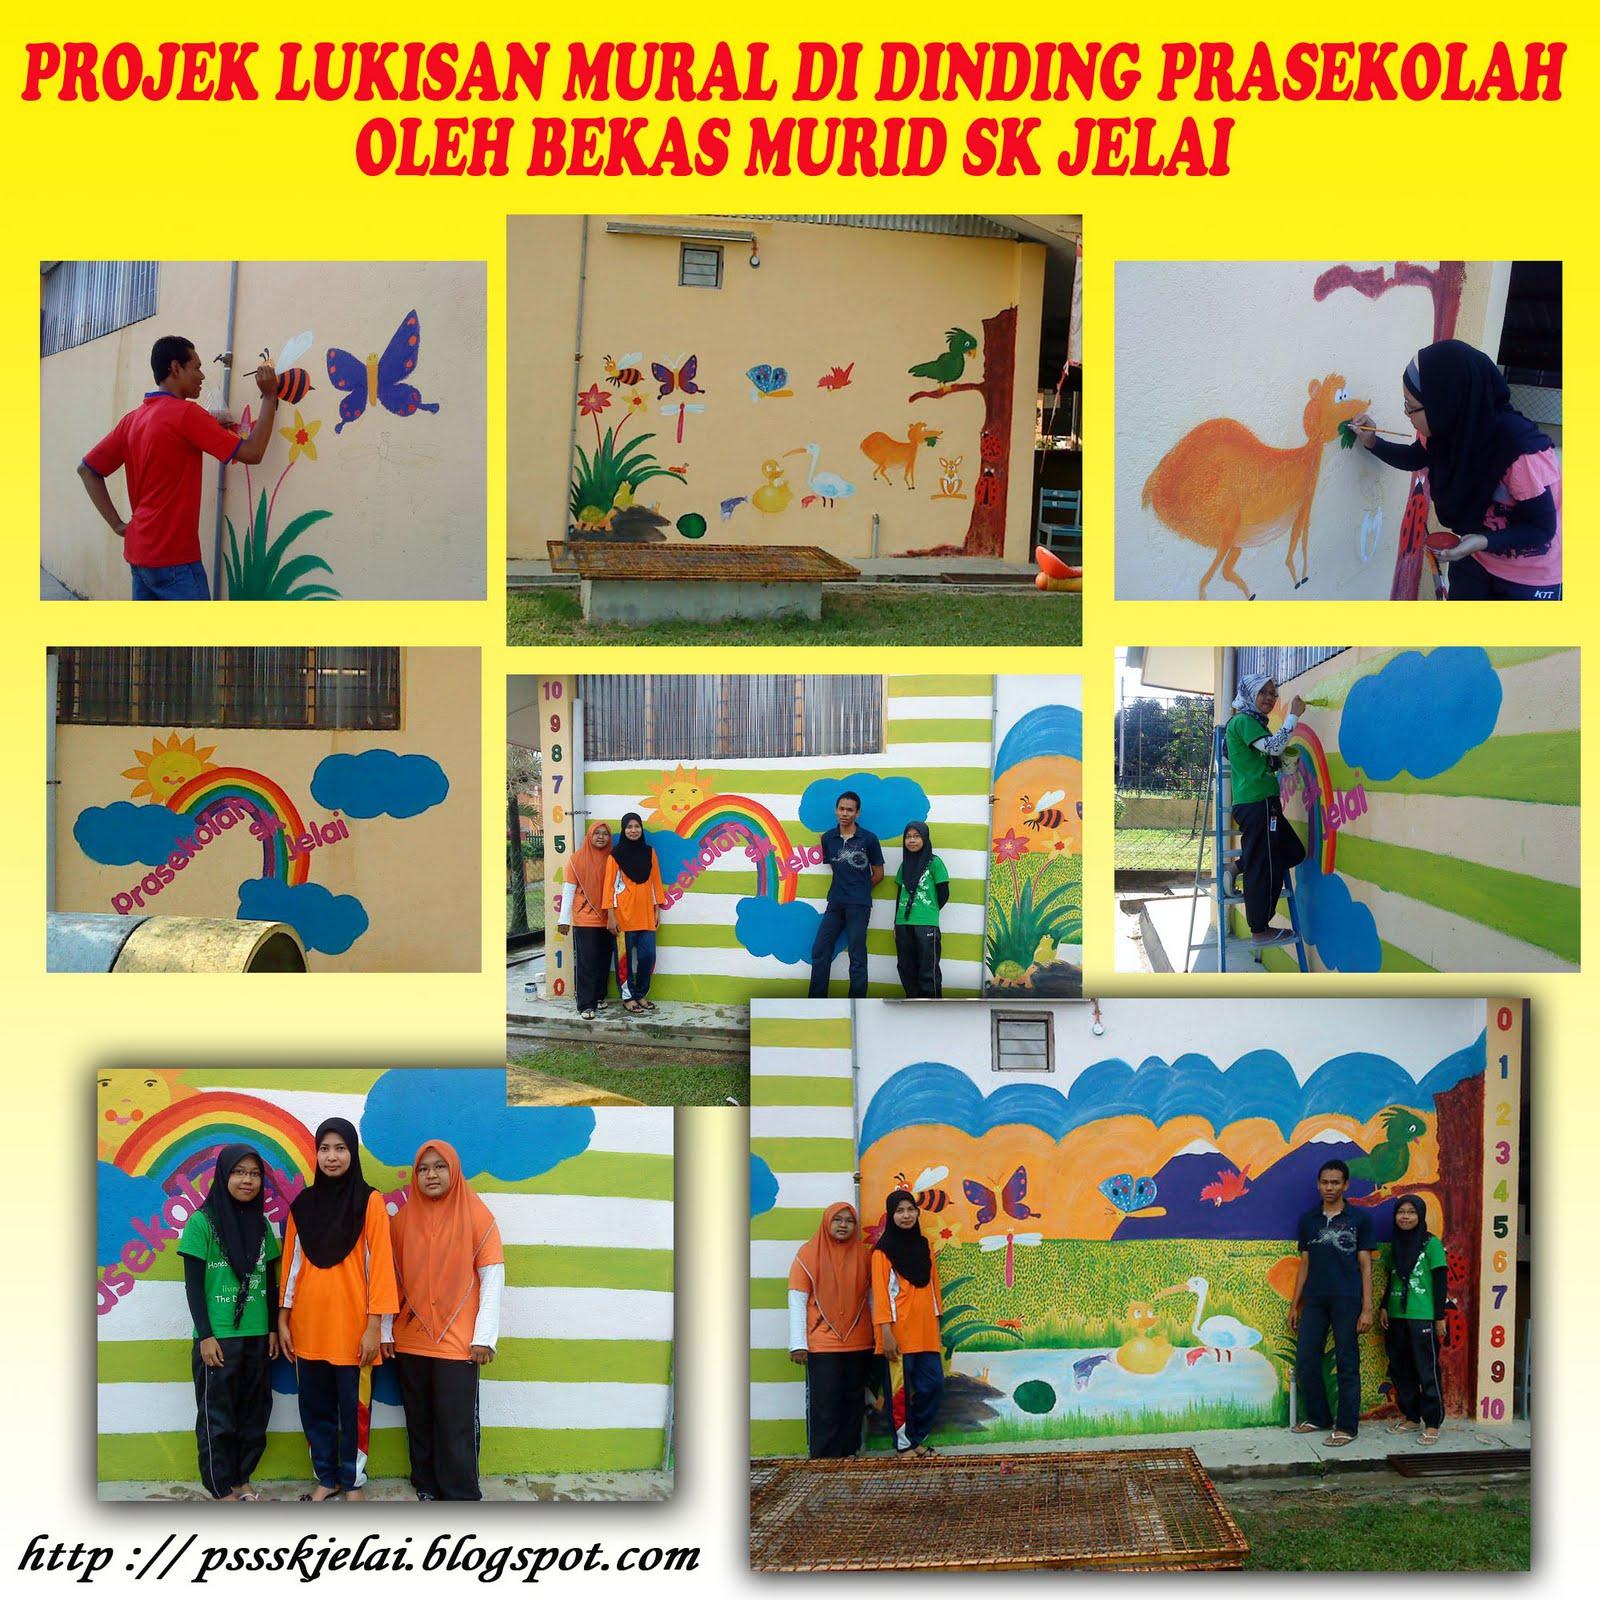 Pusat sumber sekolah kebangsaan jelai projek mural for Mural sekolah